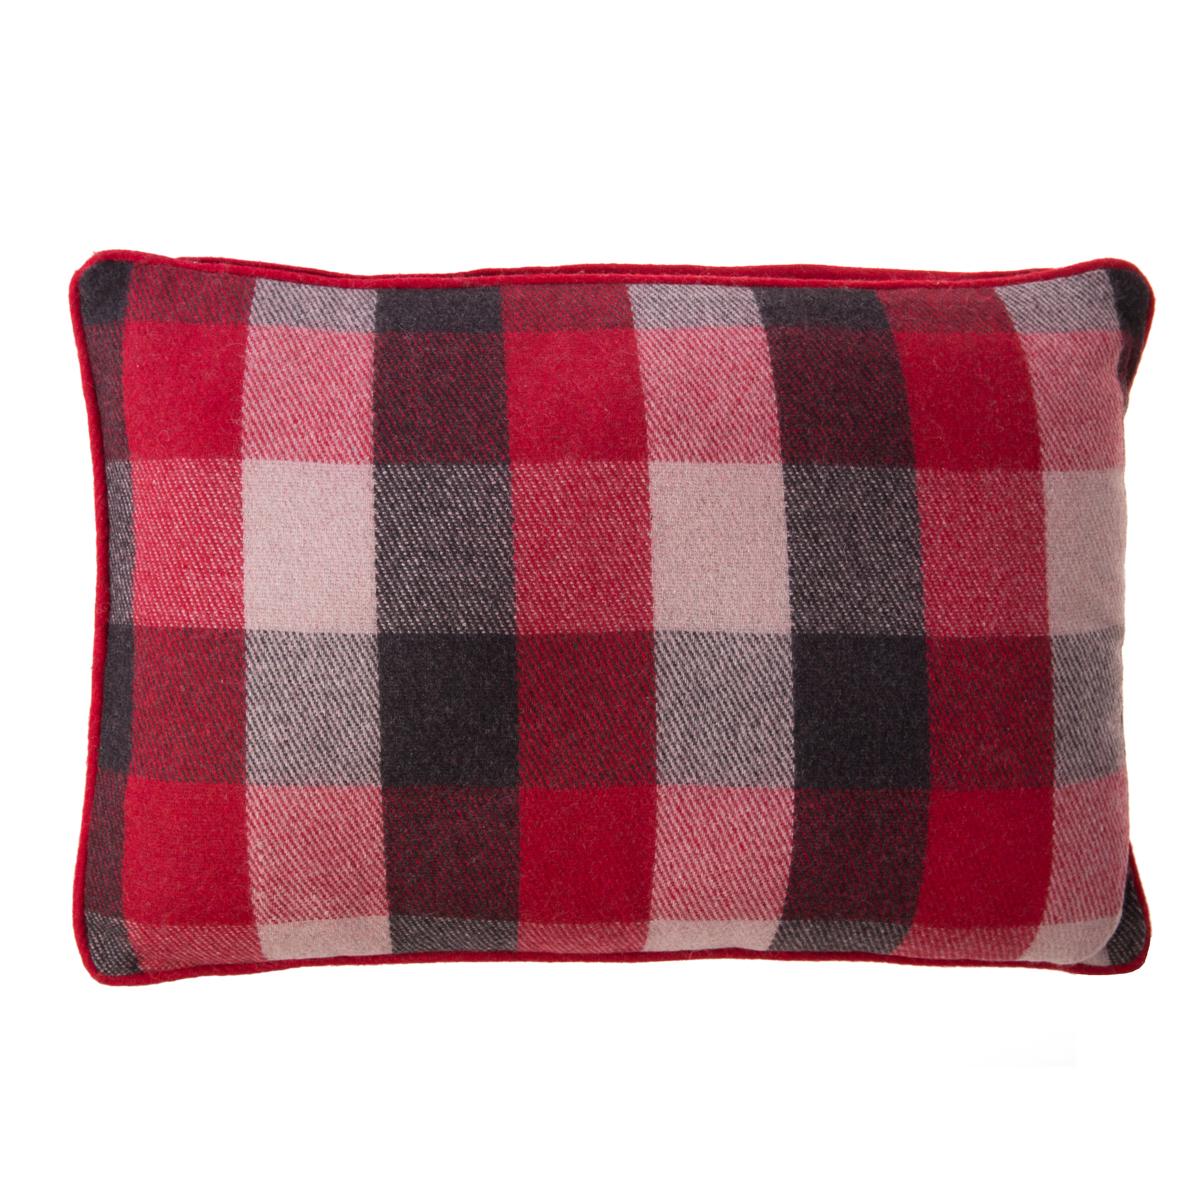 Housse de coussin rectangulaire 60 x 40 cm en laine rouge Ormel